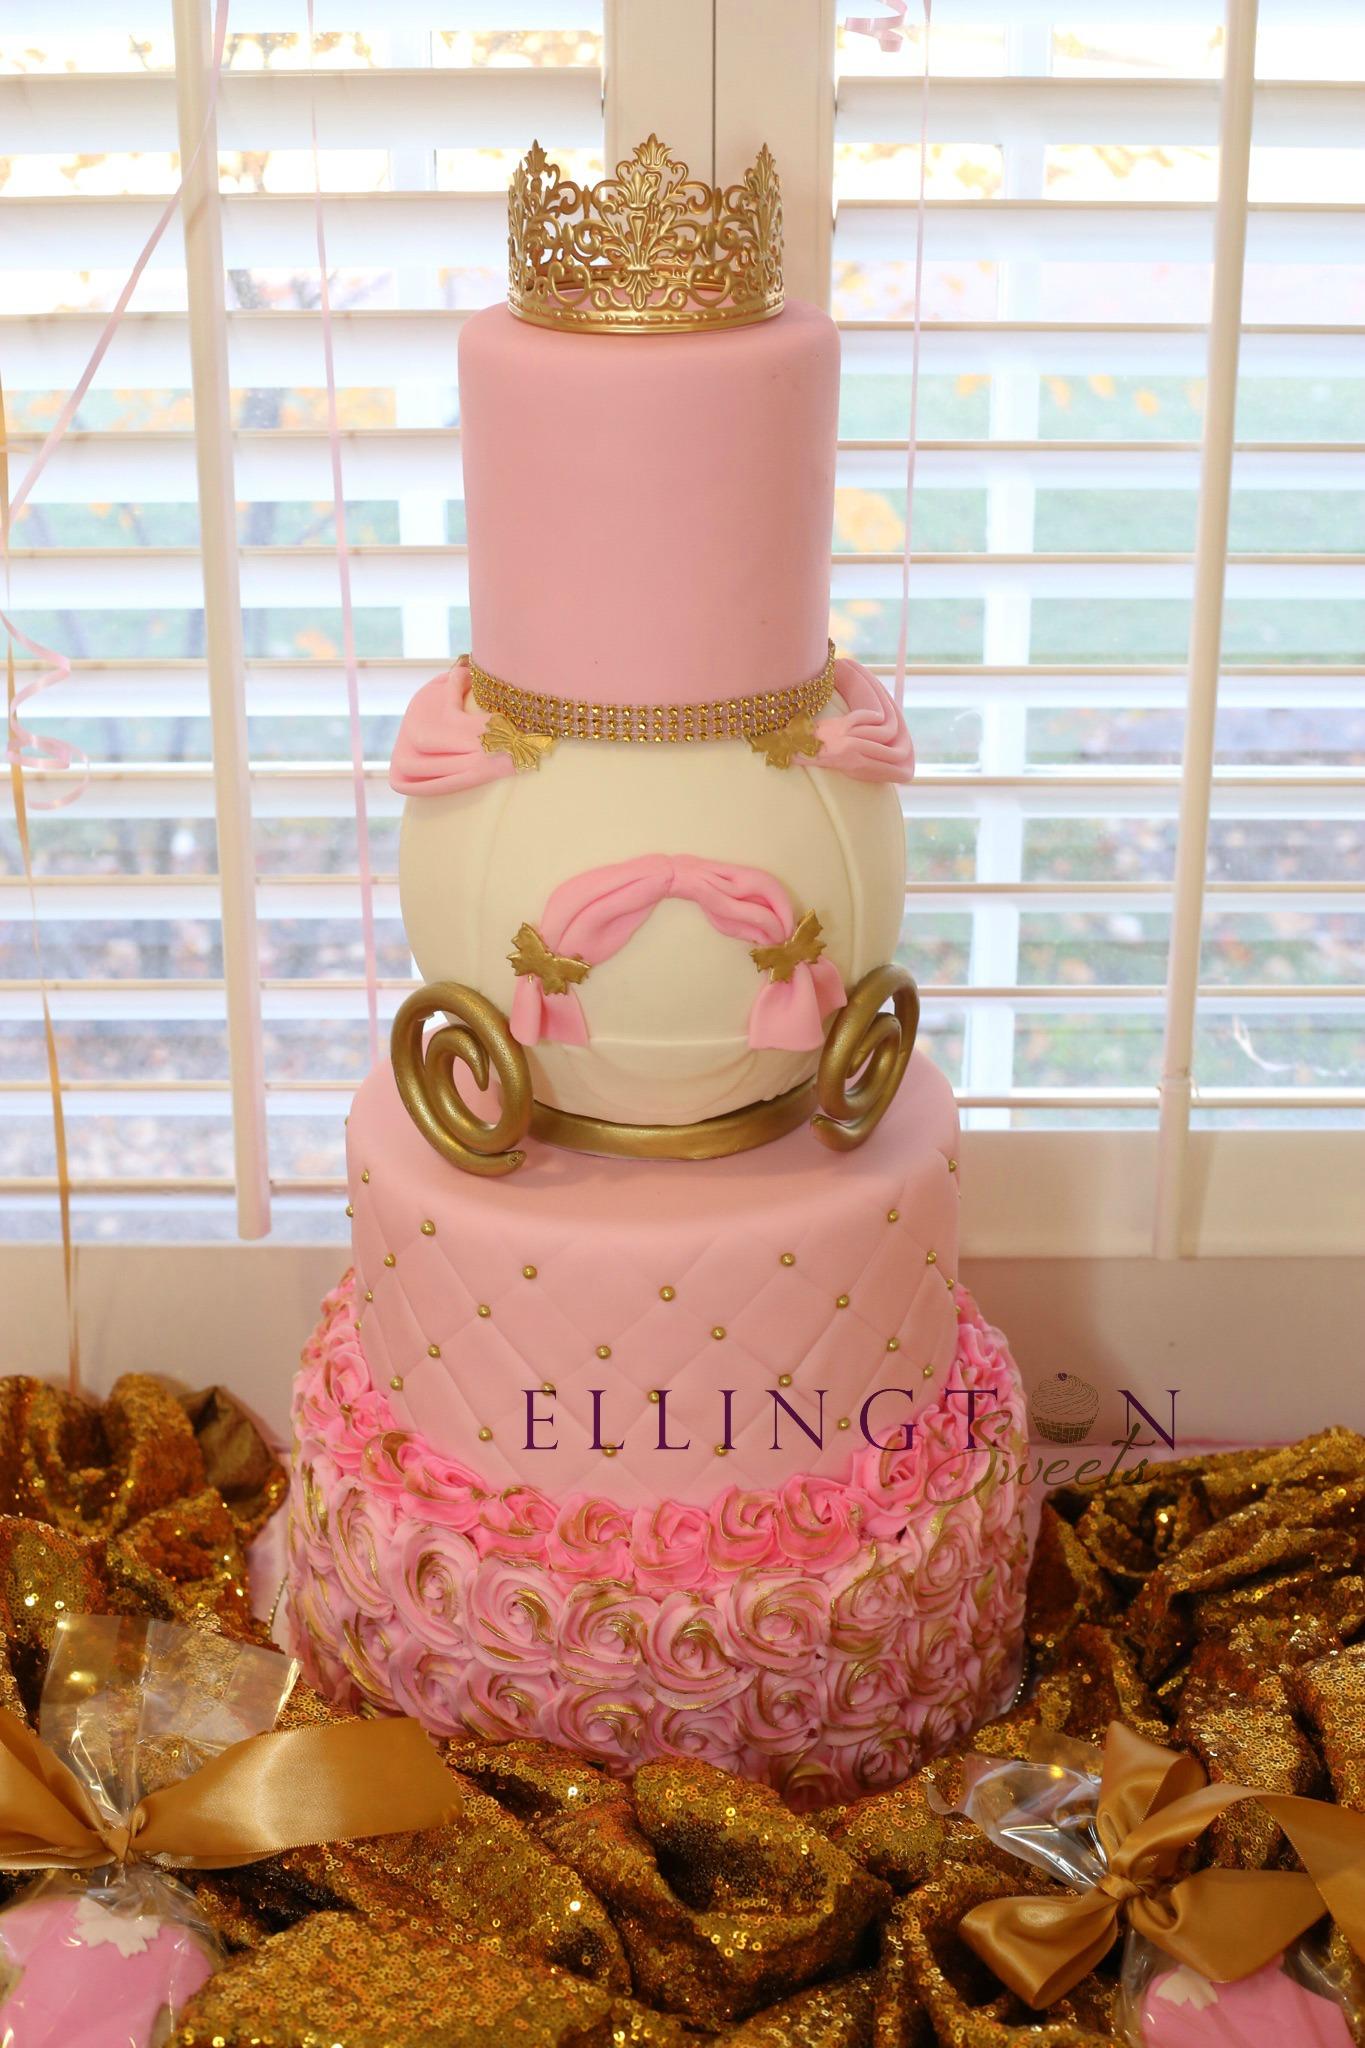 LaChaka_s Baby Shower cake picture.jpg